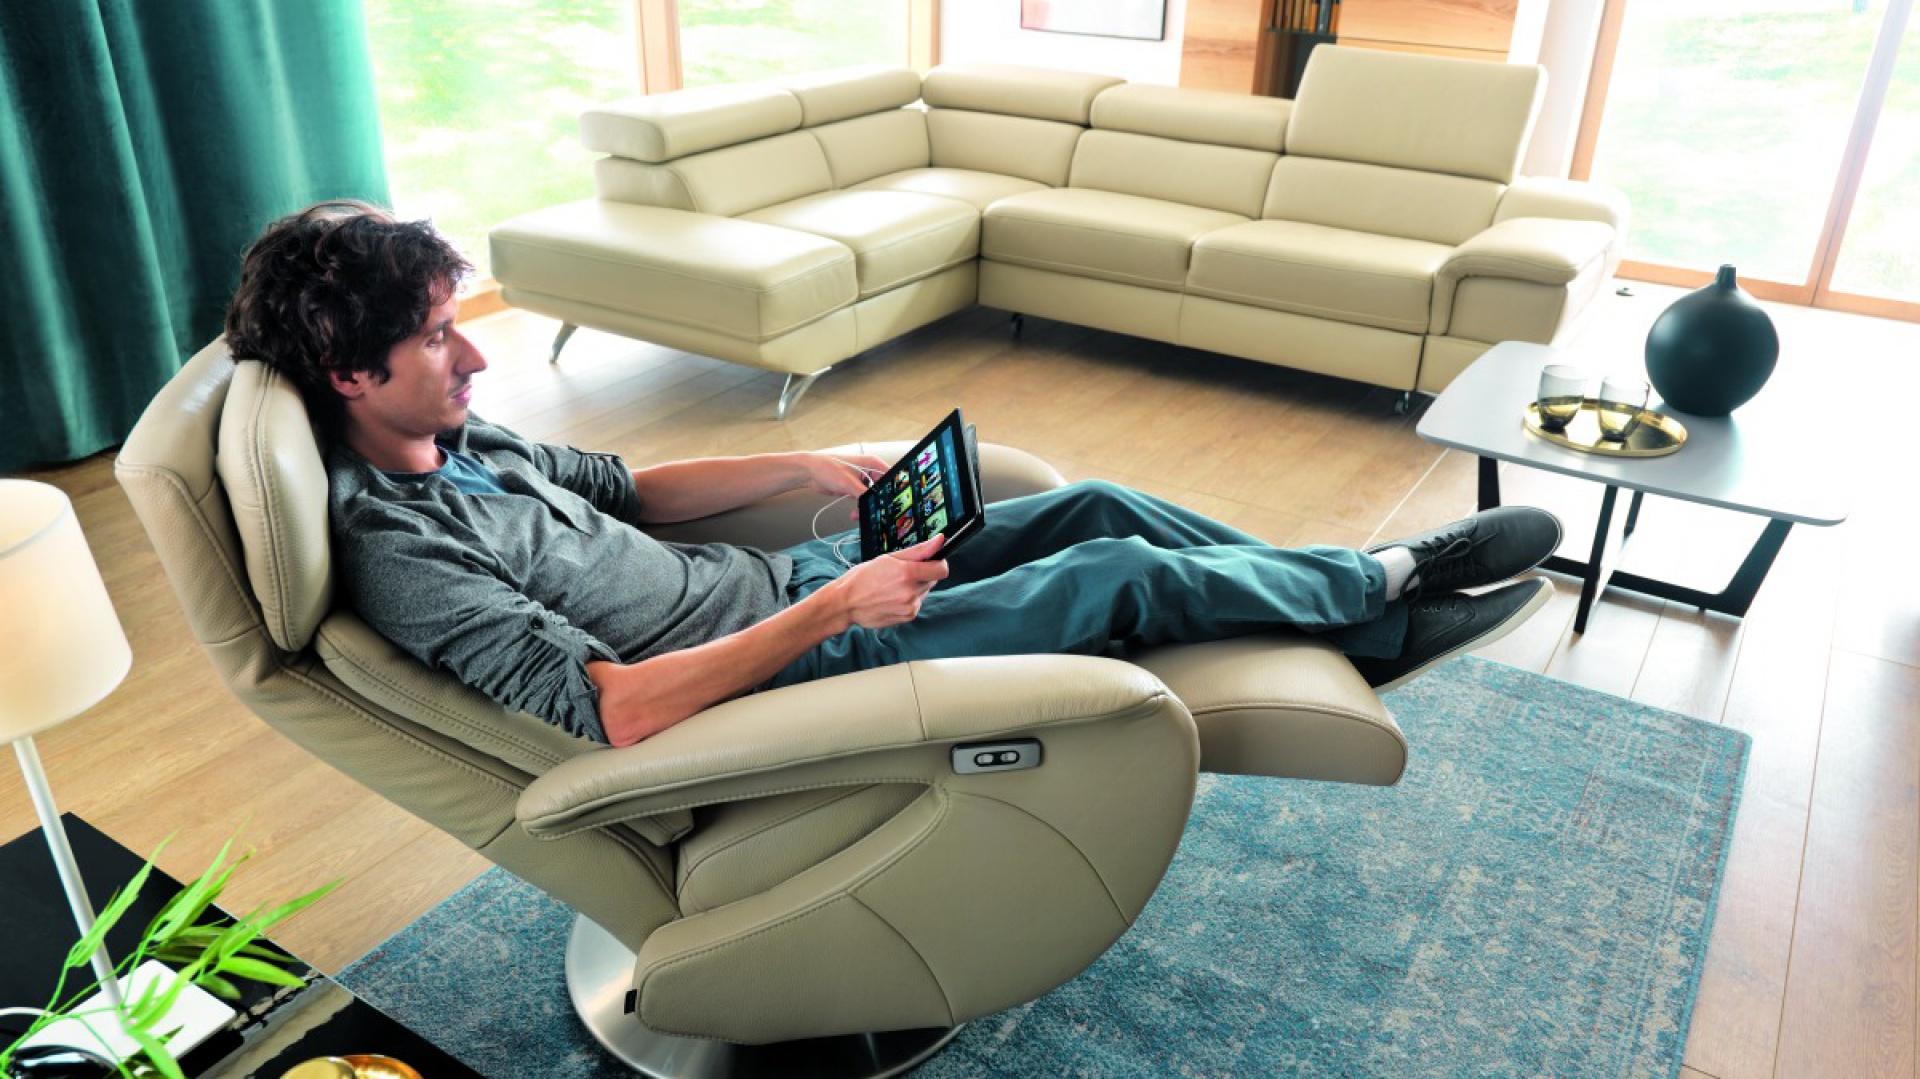 Frida to fotel wyposażony w funkcję relax manualną lub elektryczną. Dzięki sensorom elektrycznym możemy płynnie regulować stopień nachylenia siedziska. Obrotowa podstawa pozwala bezproblemowo ukierunkować fotel. Fot. Gala Collezione